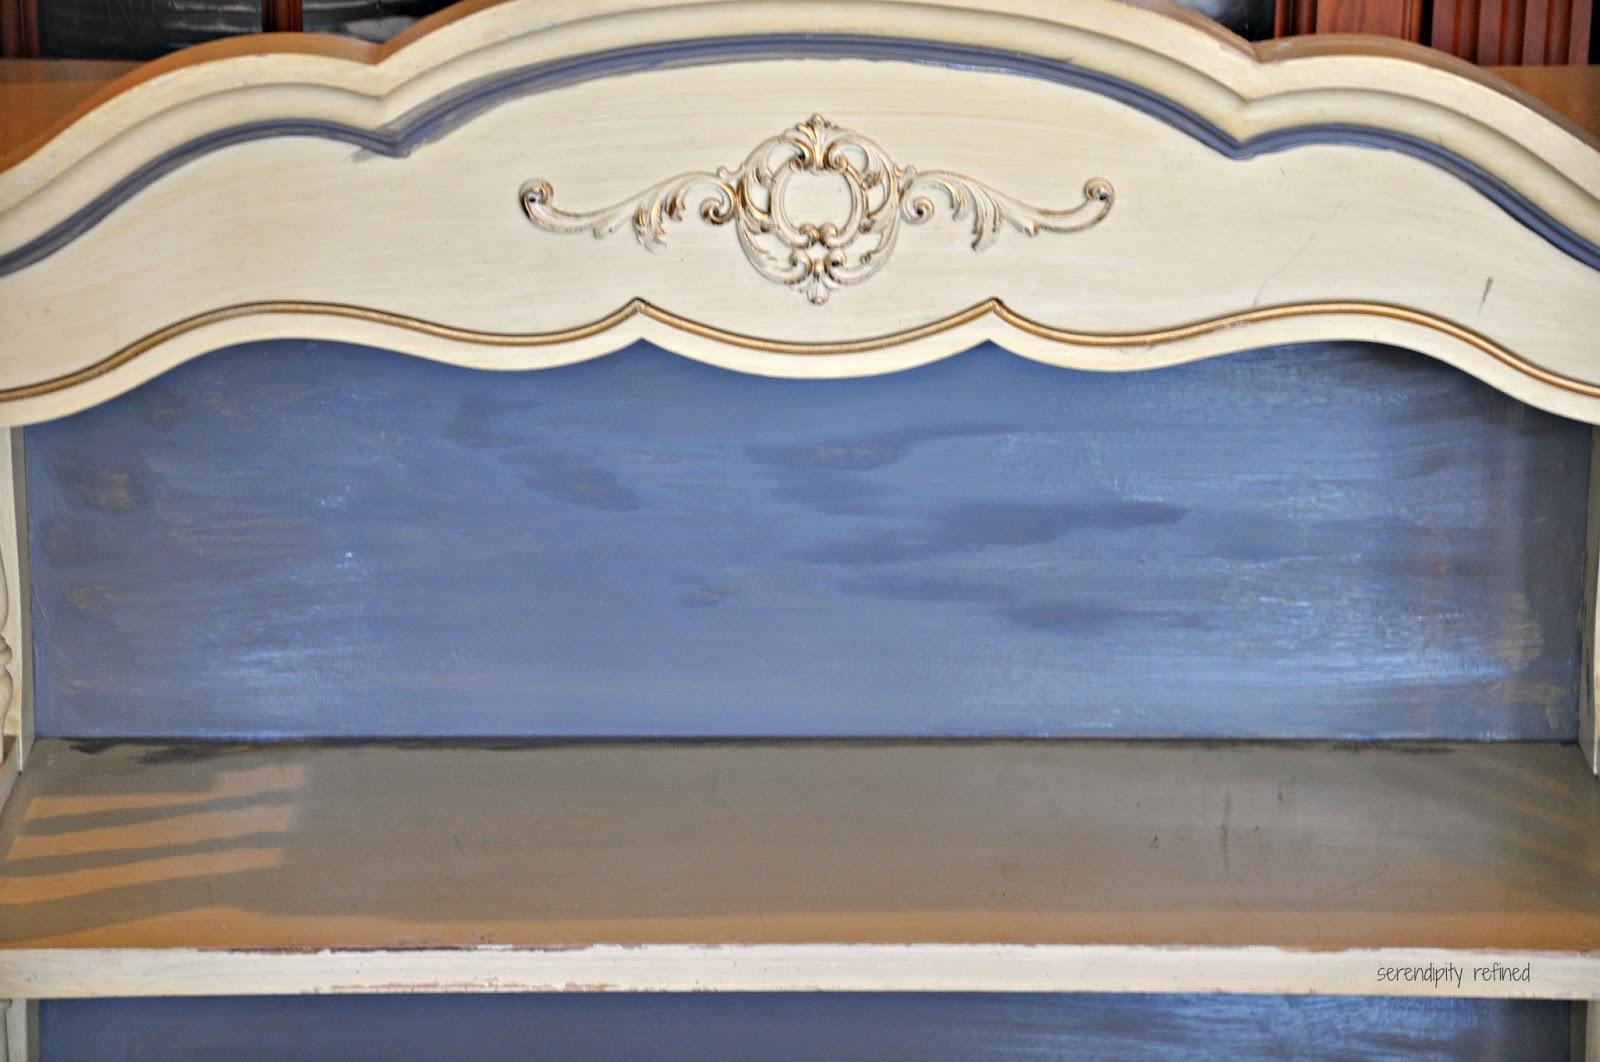 Kitchen Colors With White Cabinets With Rouleau Papier Cadeau La Maison Magnolia Come To The Maison Du Magnolia In The